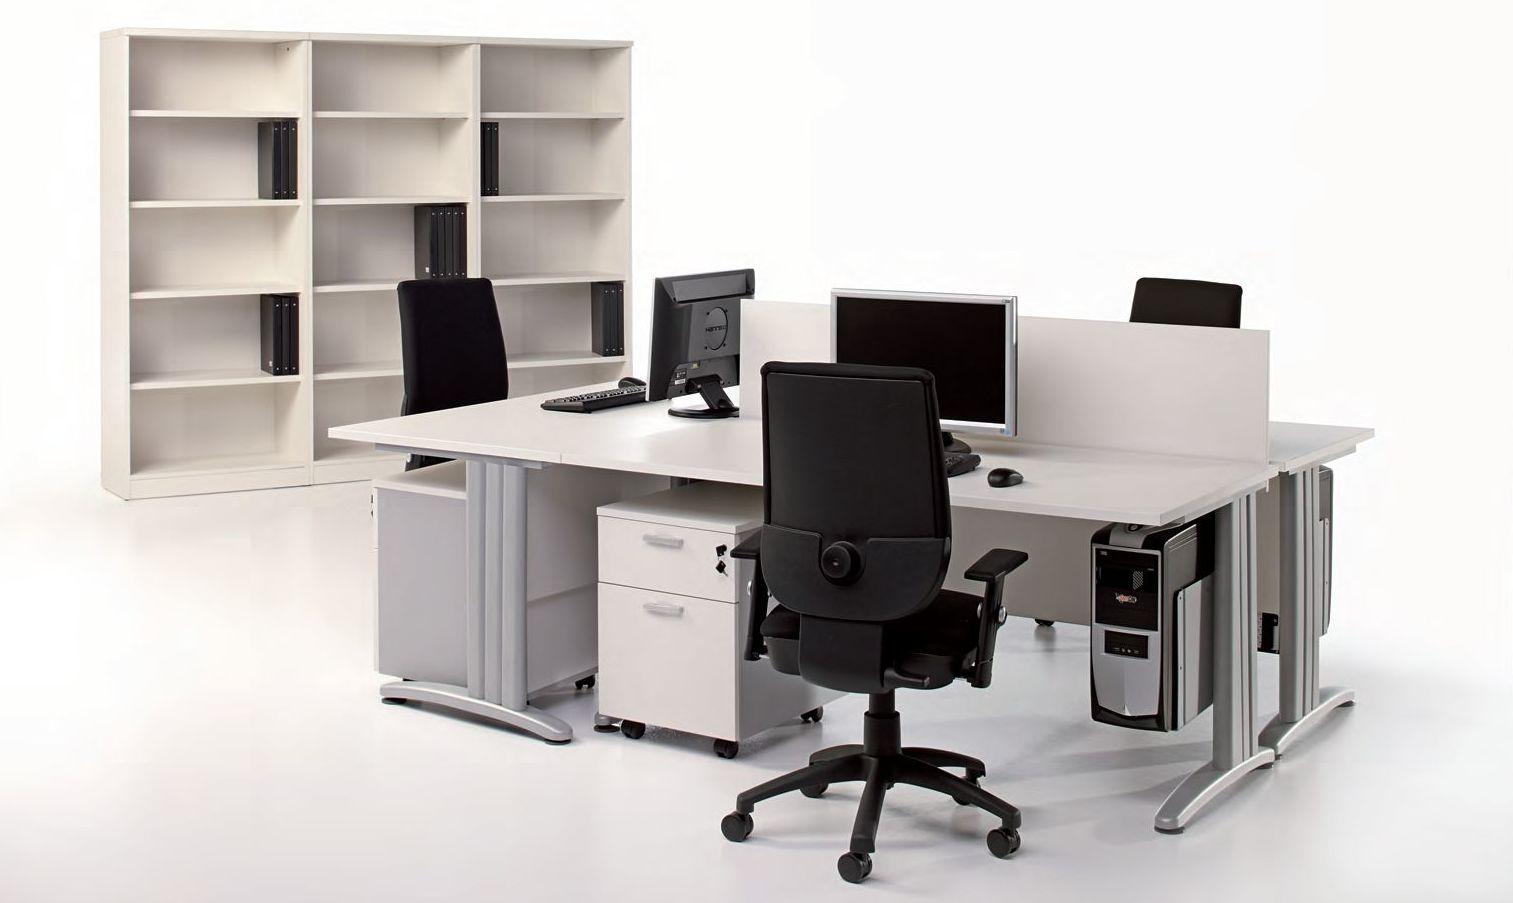 composición de 3 mesas kronos blancas con pies color aluminio